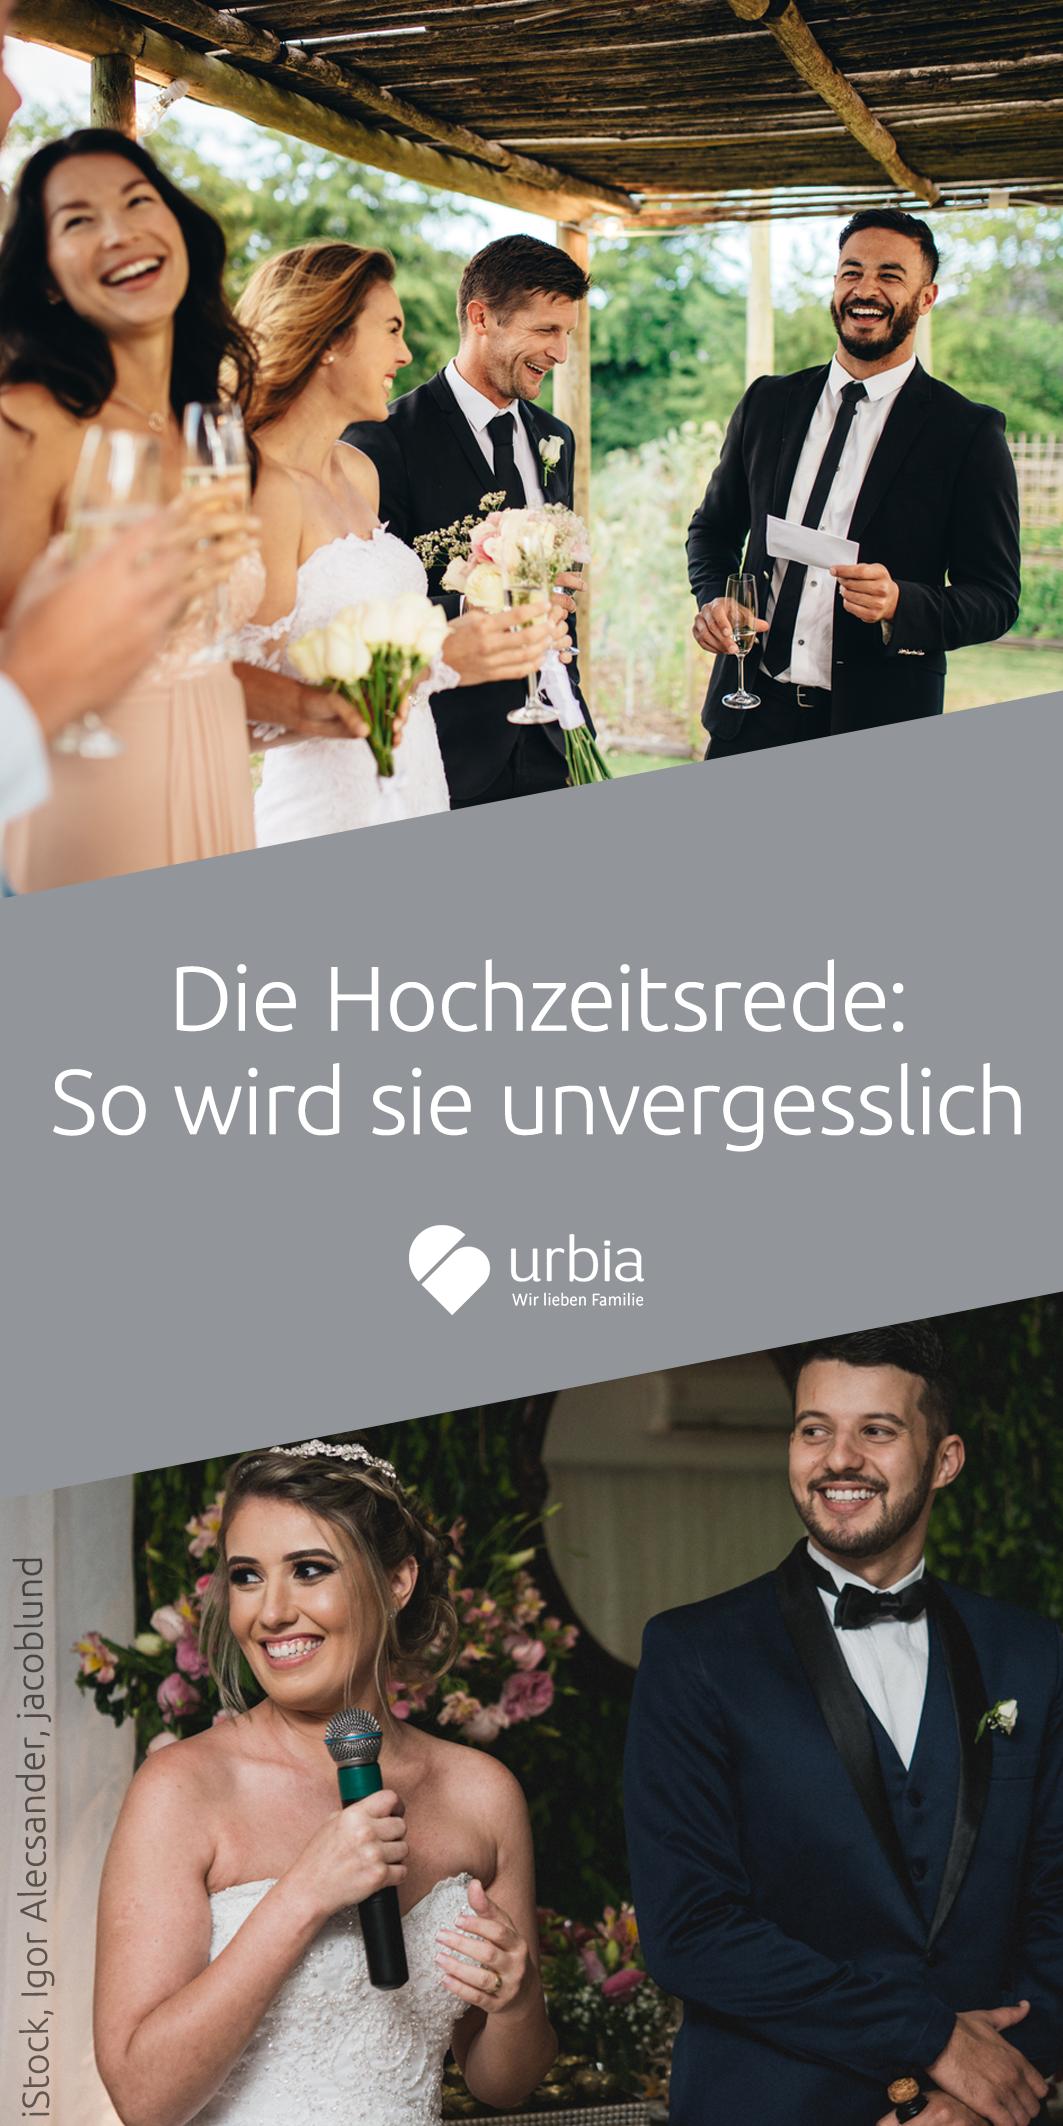 Die Hochzeitsrede: So wird sie unvergesslich,  #Die #DIYhochzeitsitzplan #Hochzeitsrede #Sie …